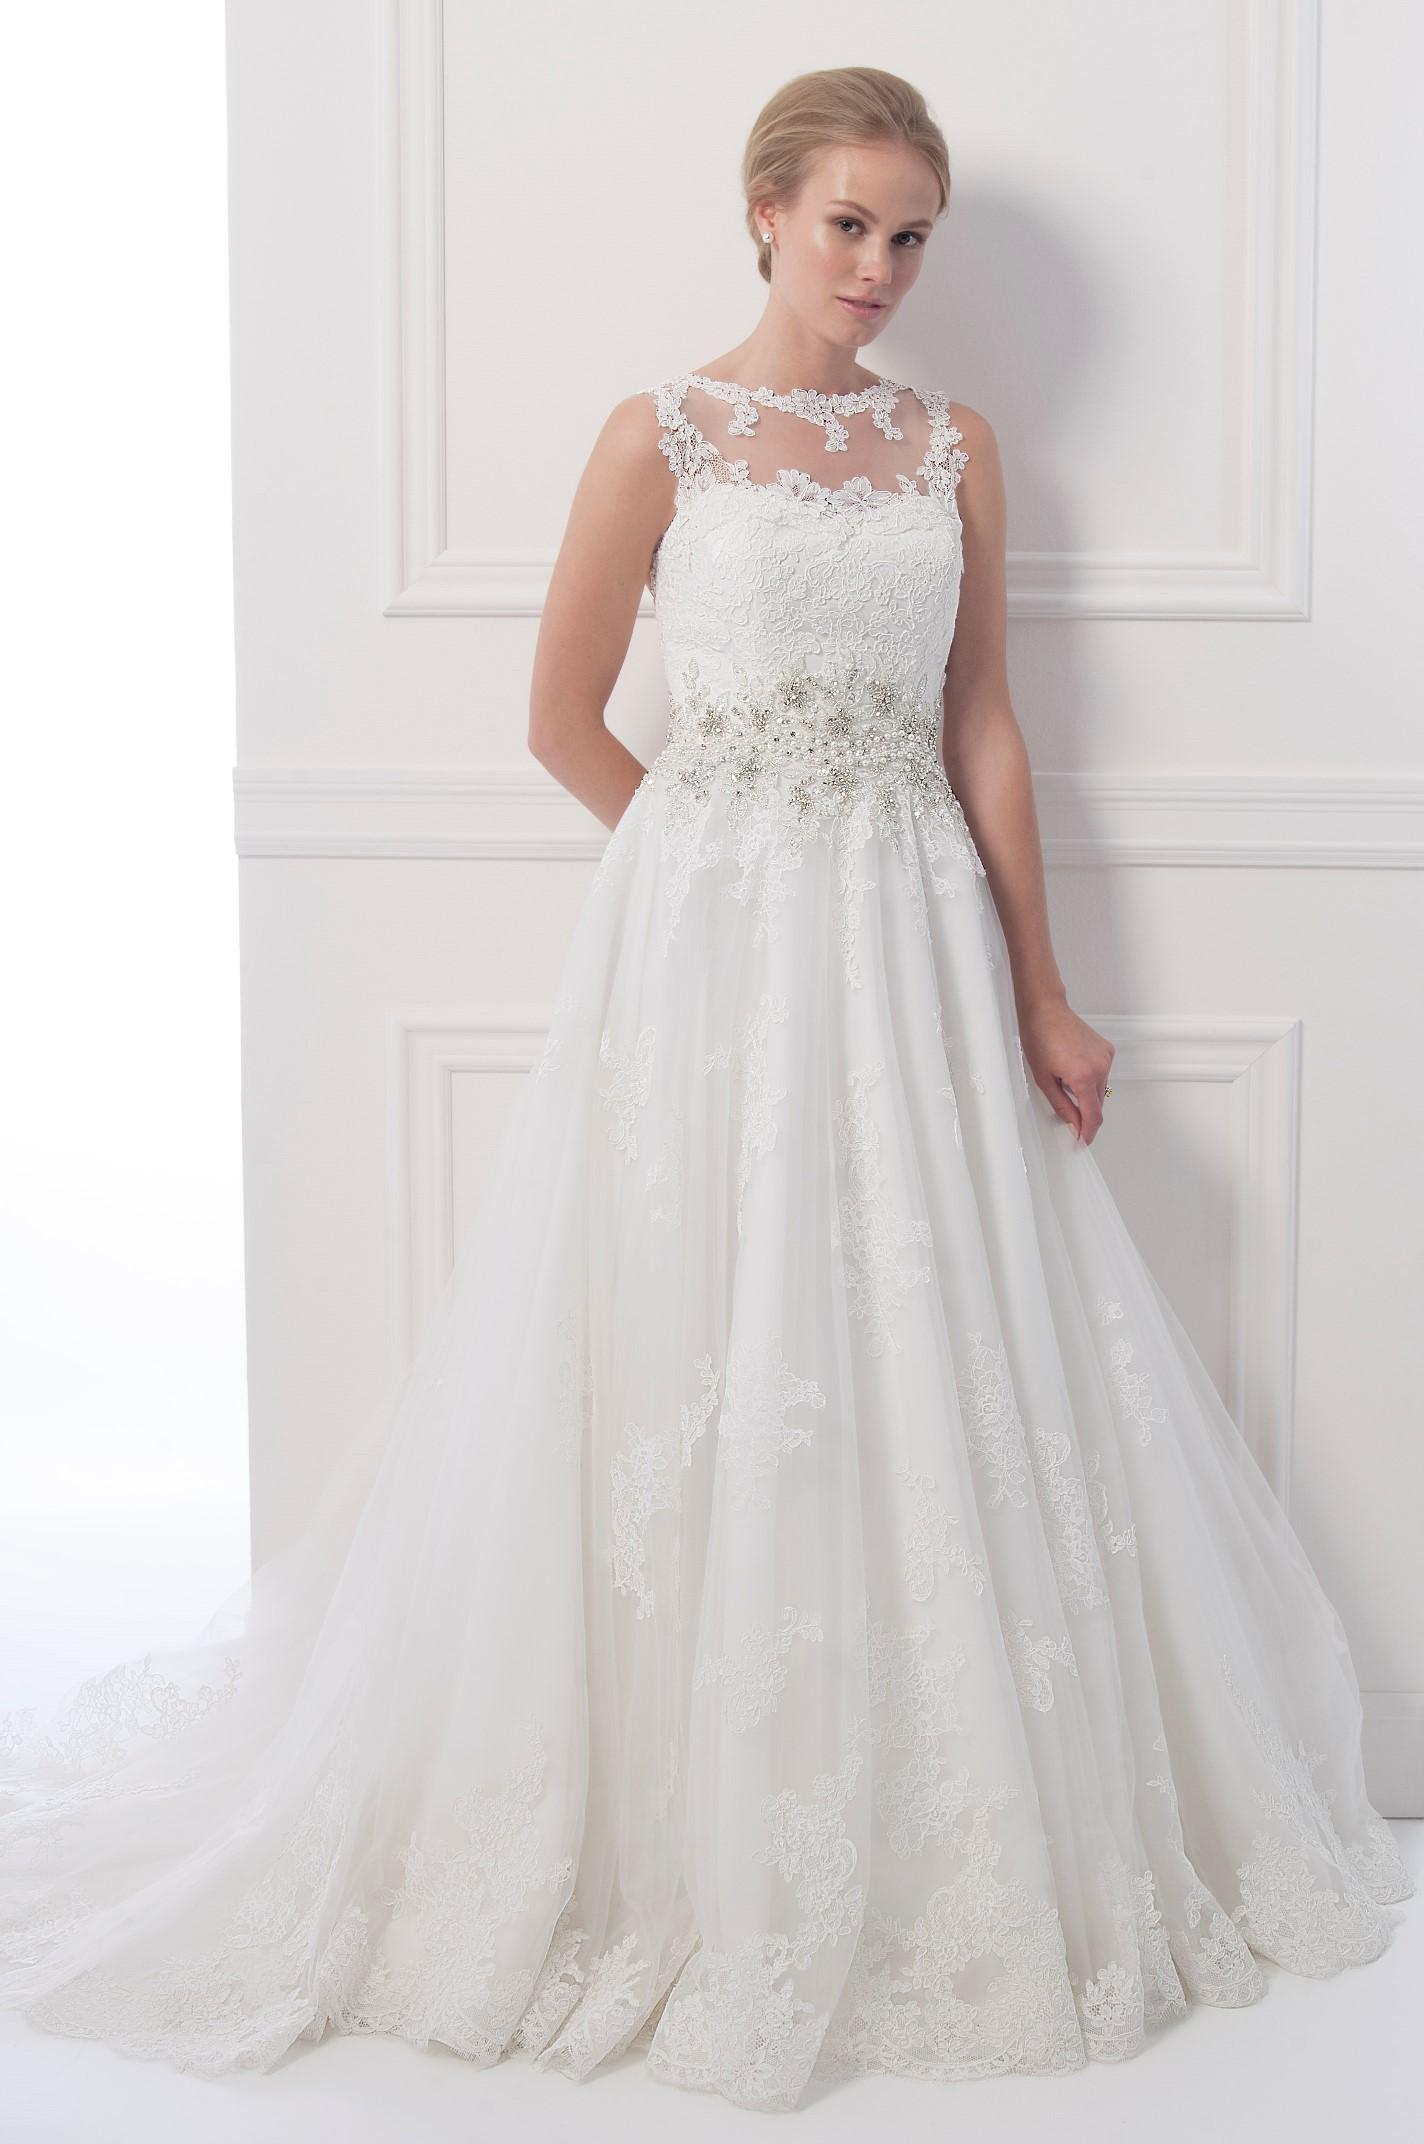 Dress - Alfred Sung FALL 2013 BRIDAL - 6931 | AlfredSung Bridal